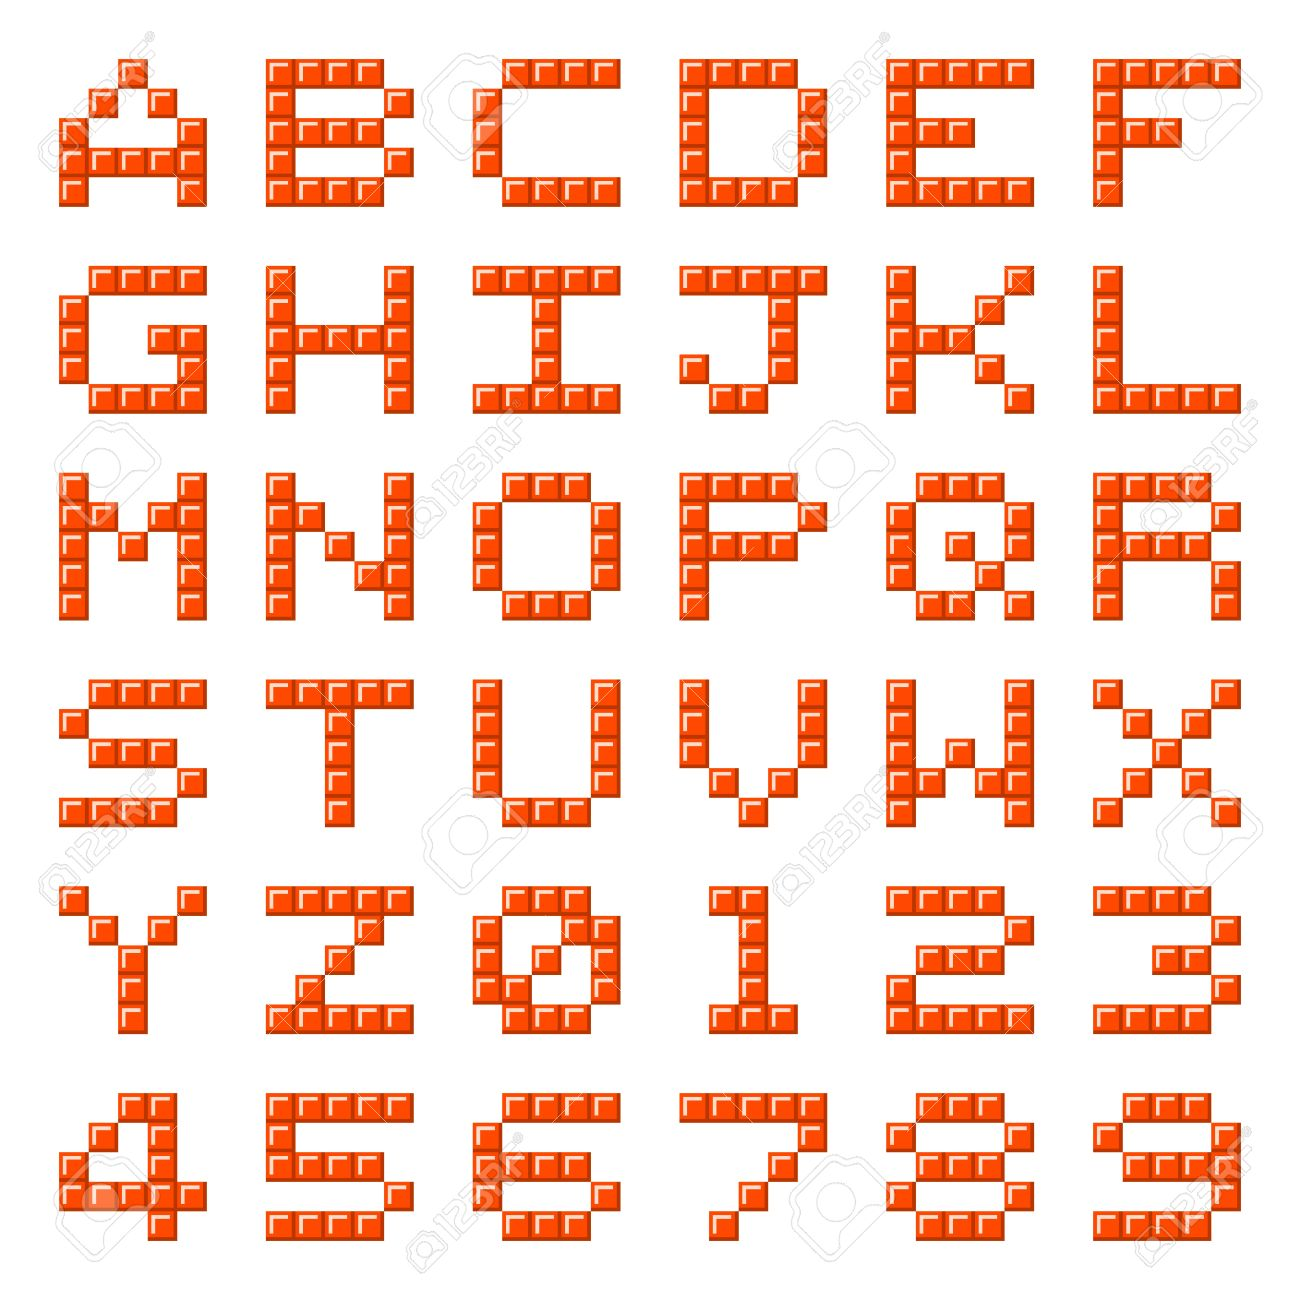 Alphabet Buchstaben Und Zahlen Aus Rotem Pixel-Blöcke Gemacht ...